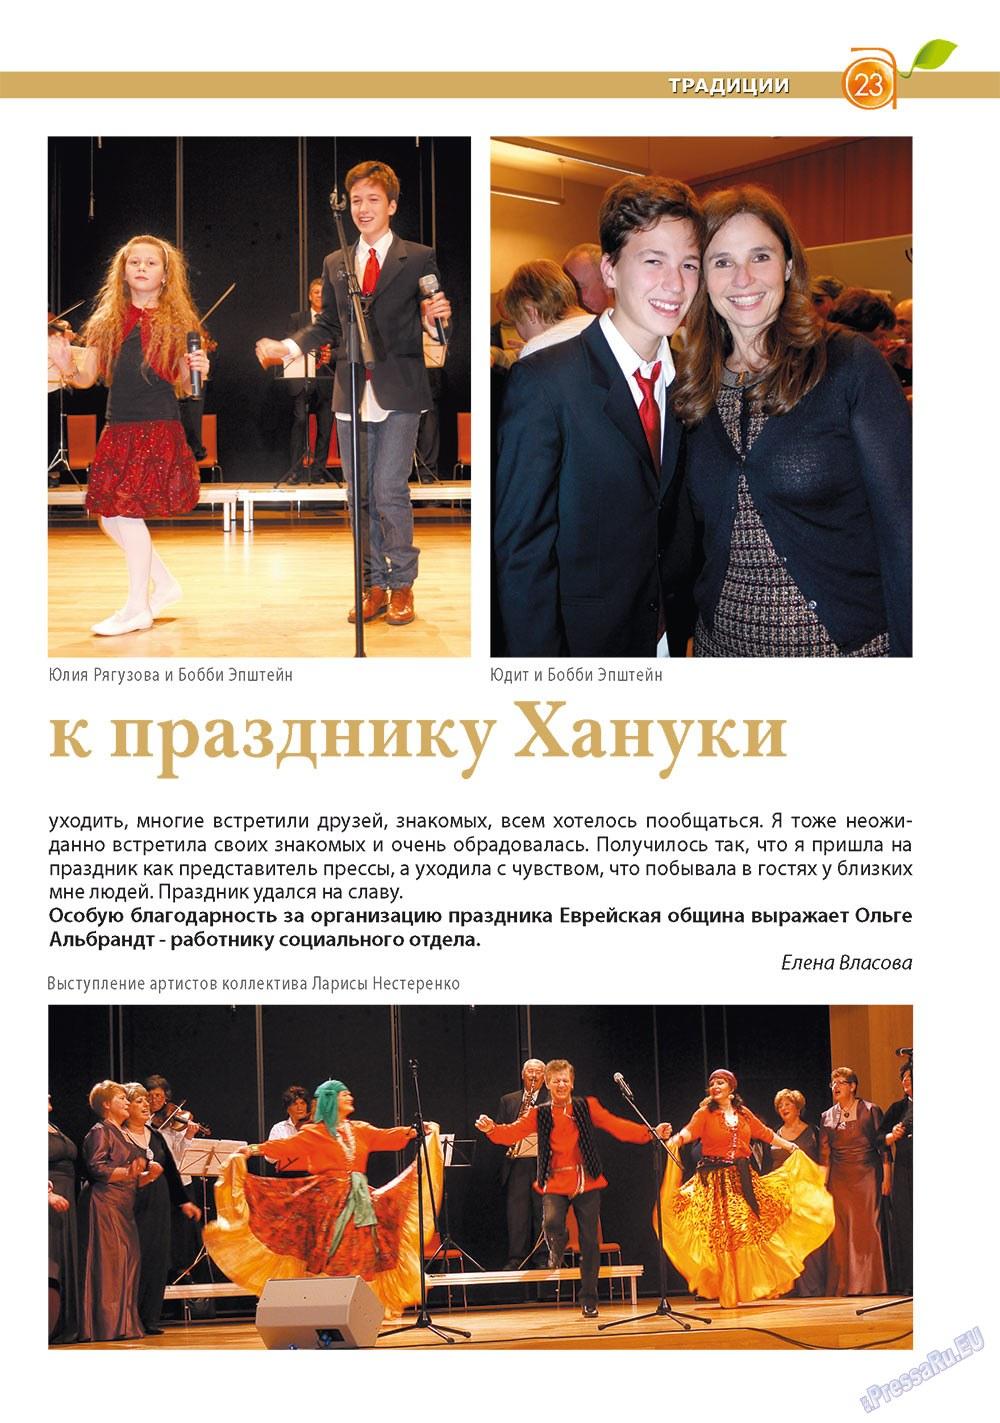 Апельсин (журнал). 2012 год, номер 30, стр. 23